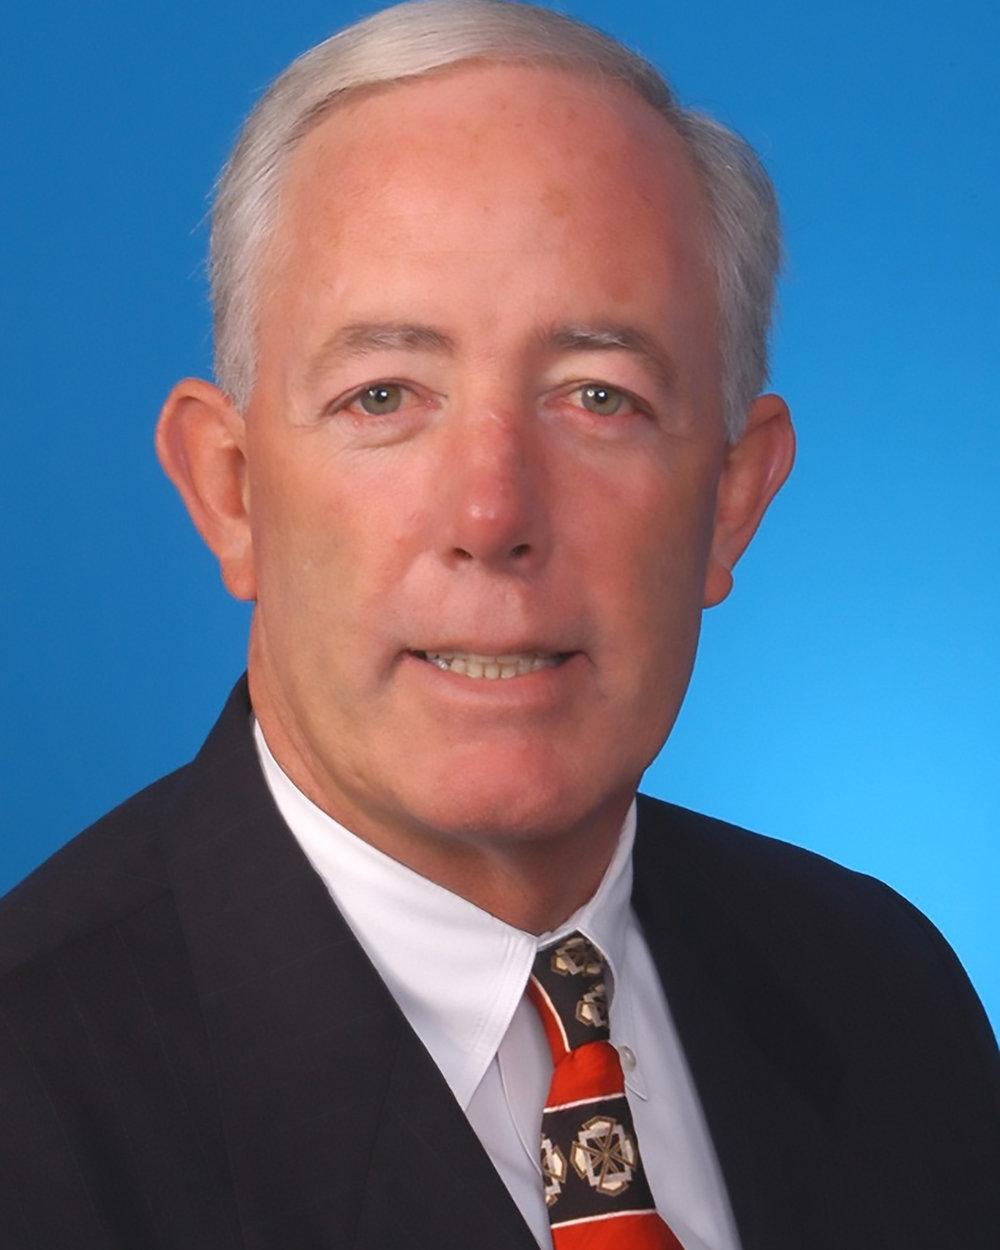 Kevin F. Brennan - FHFMA,CPACHAIR, HFMA